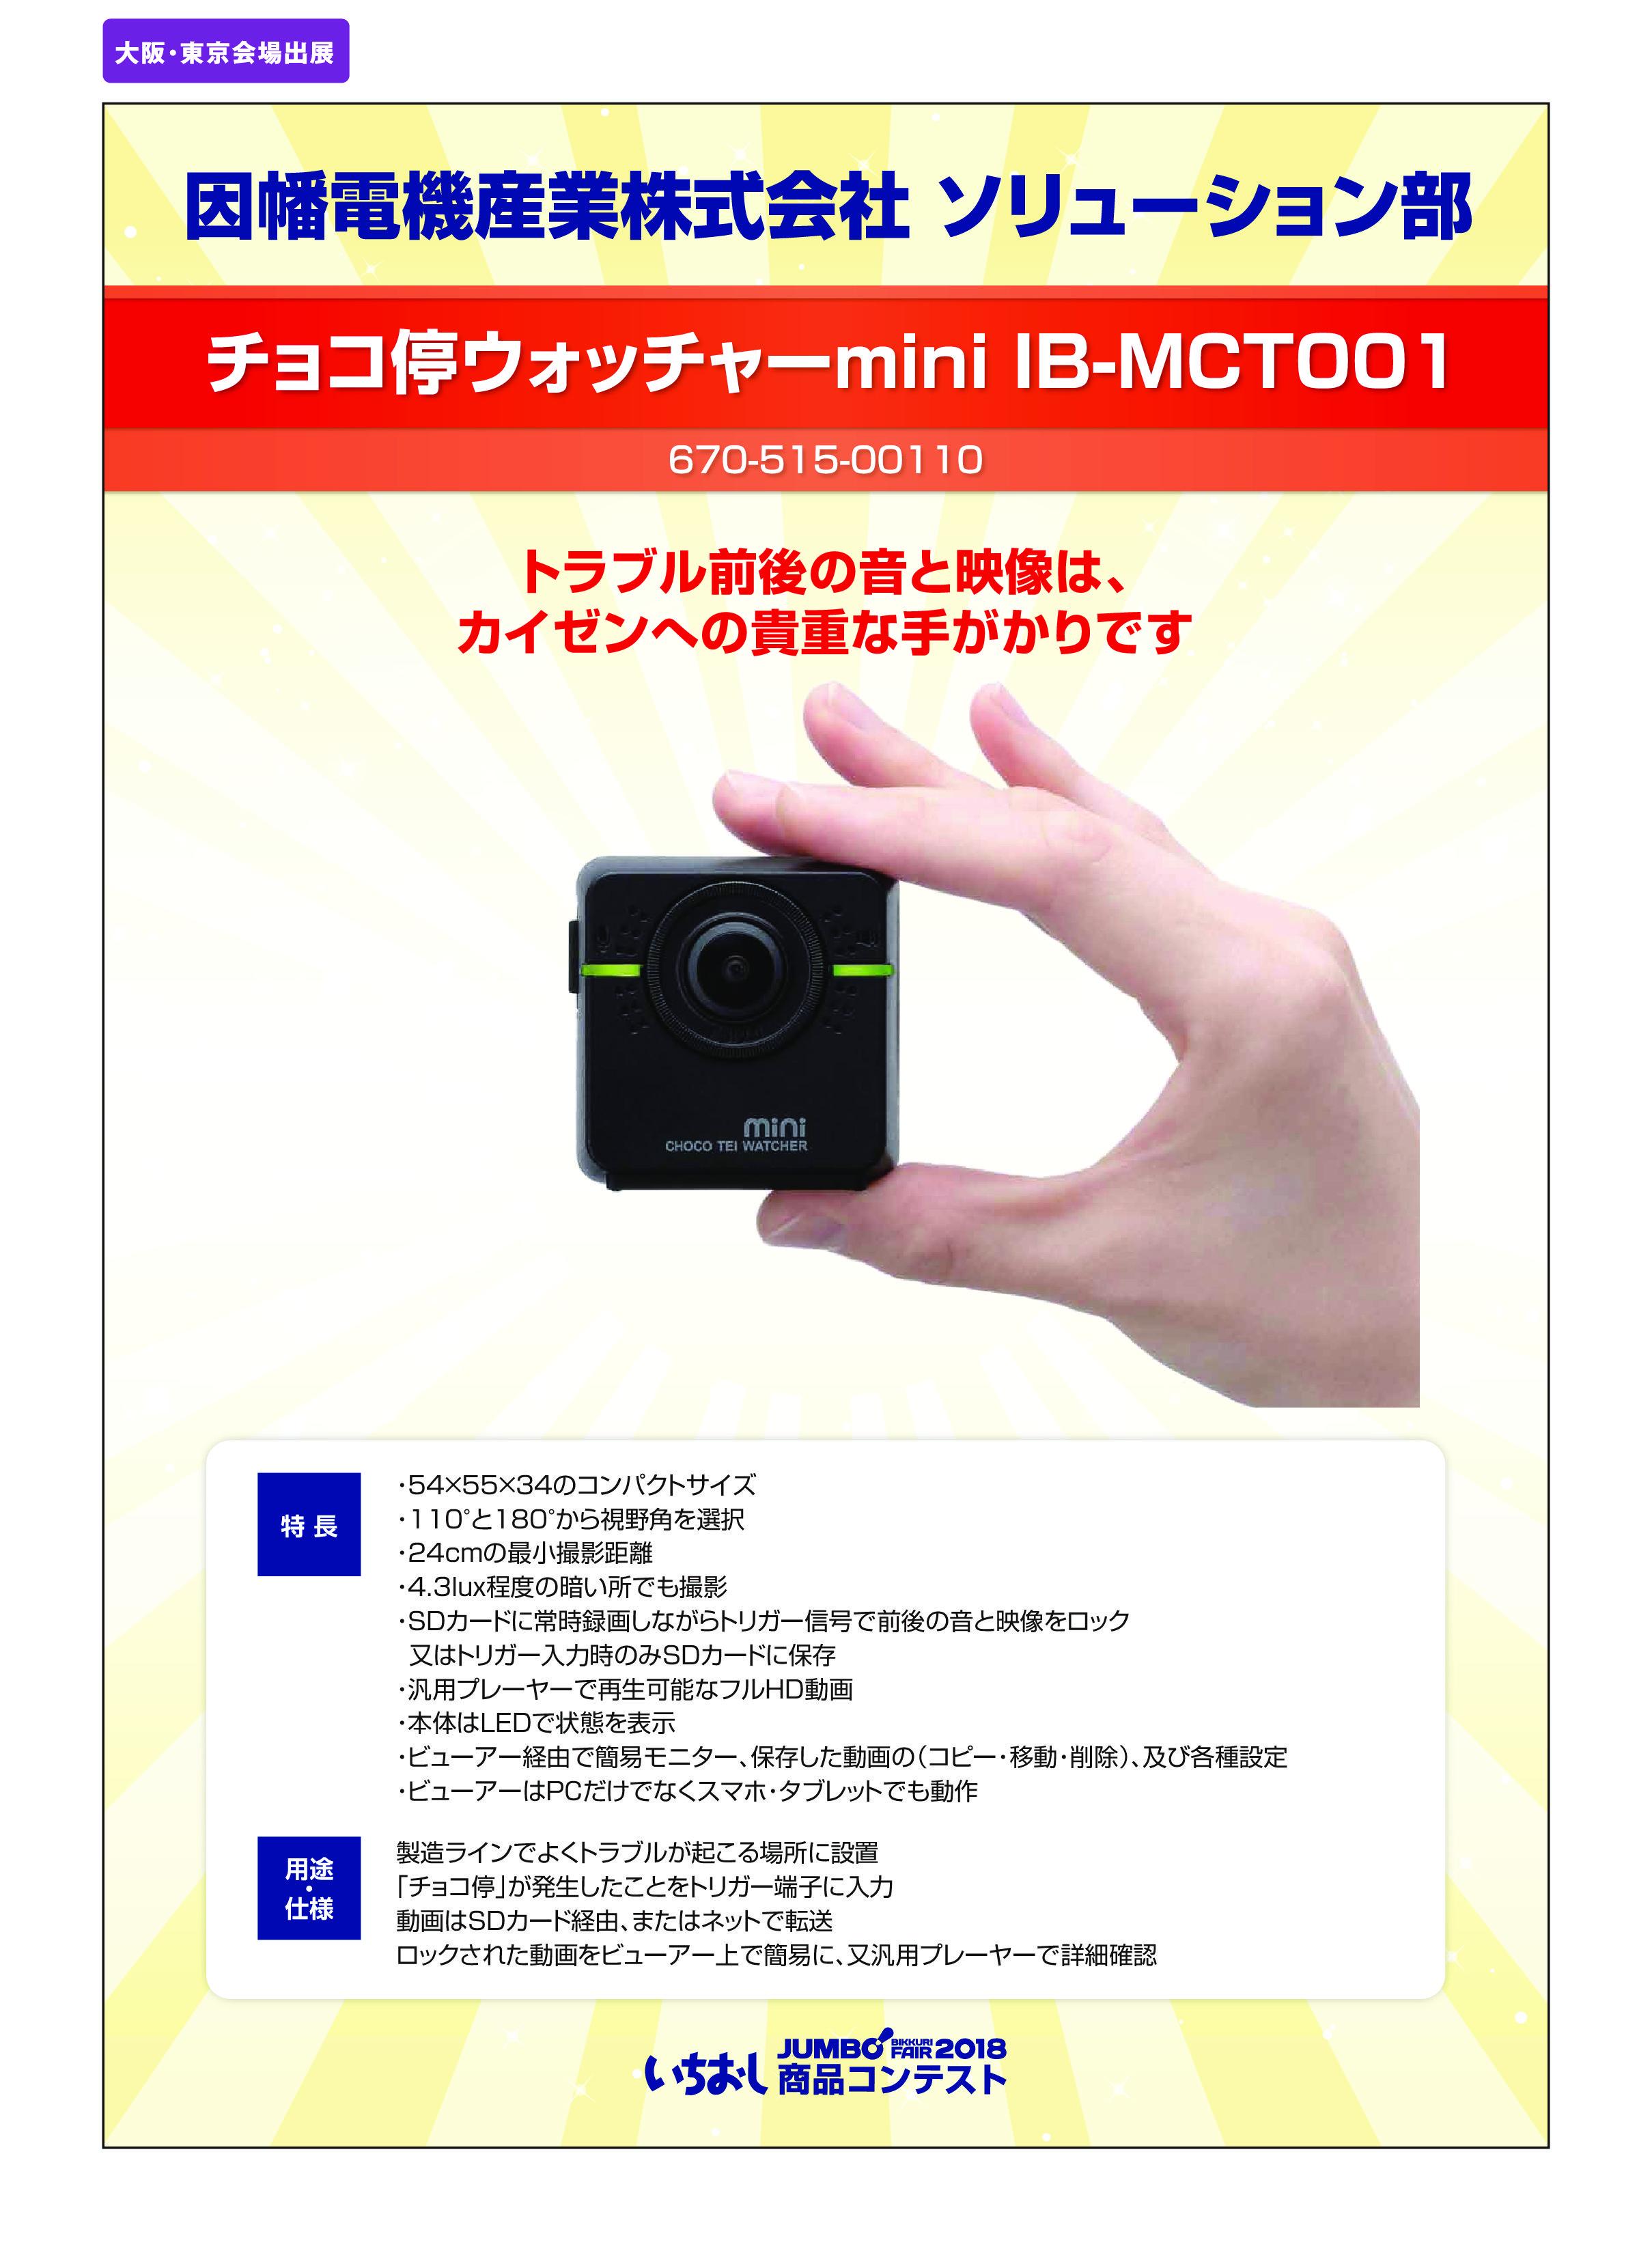 「チョコ停ウォッチャーmini IB-MCT001」因幡電機産業株式会社 ソリューション部の画像